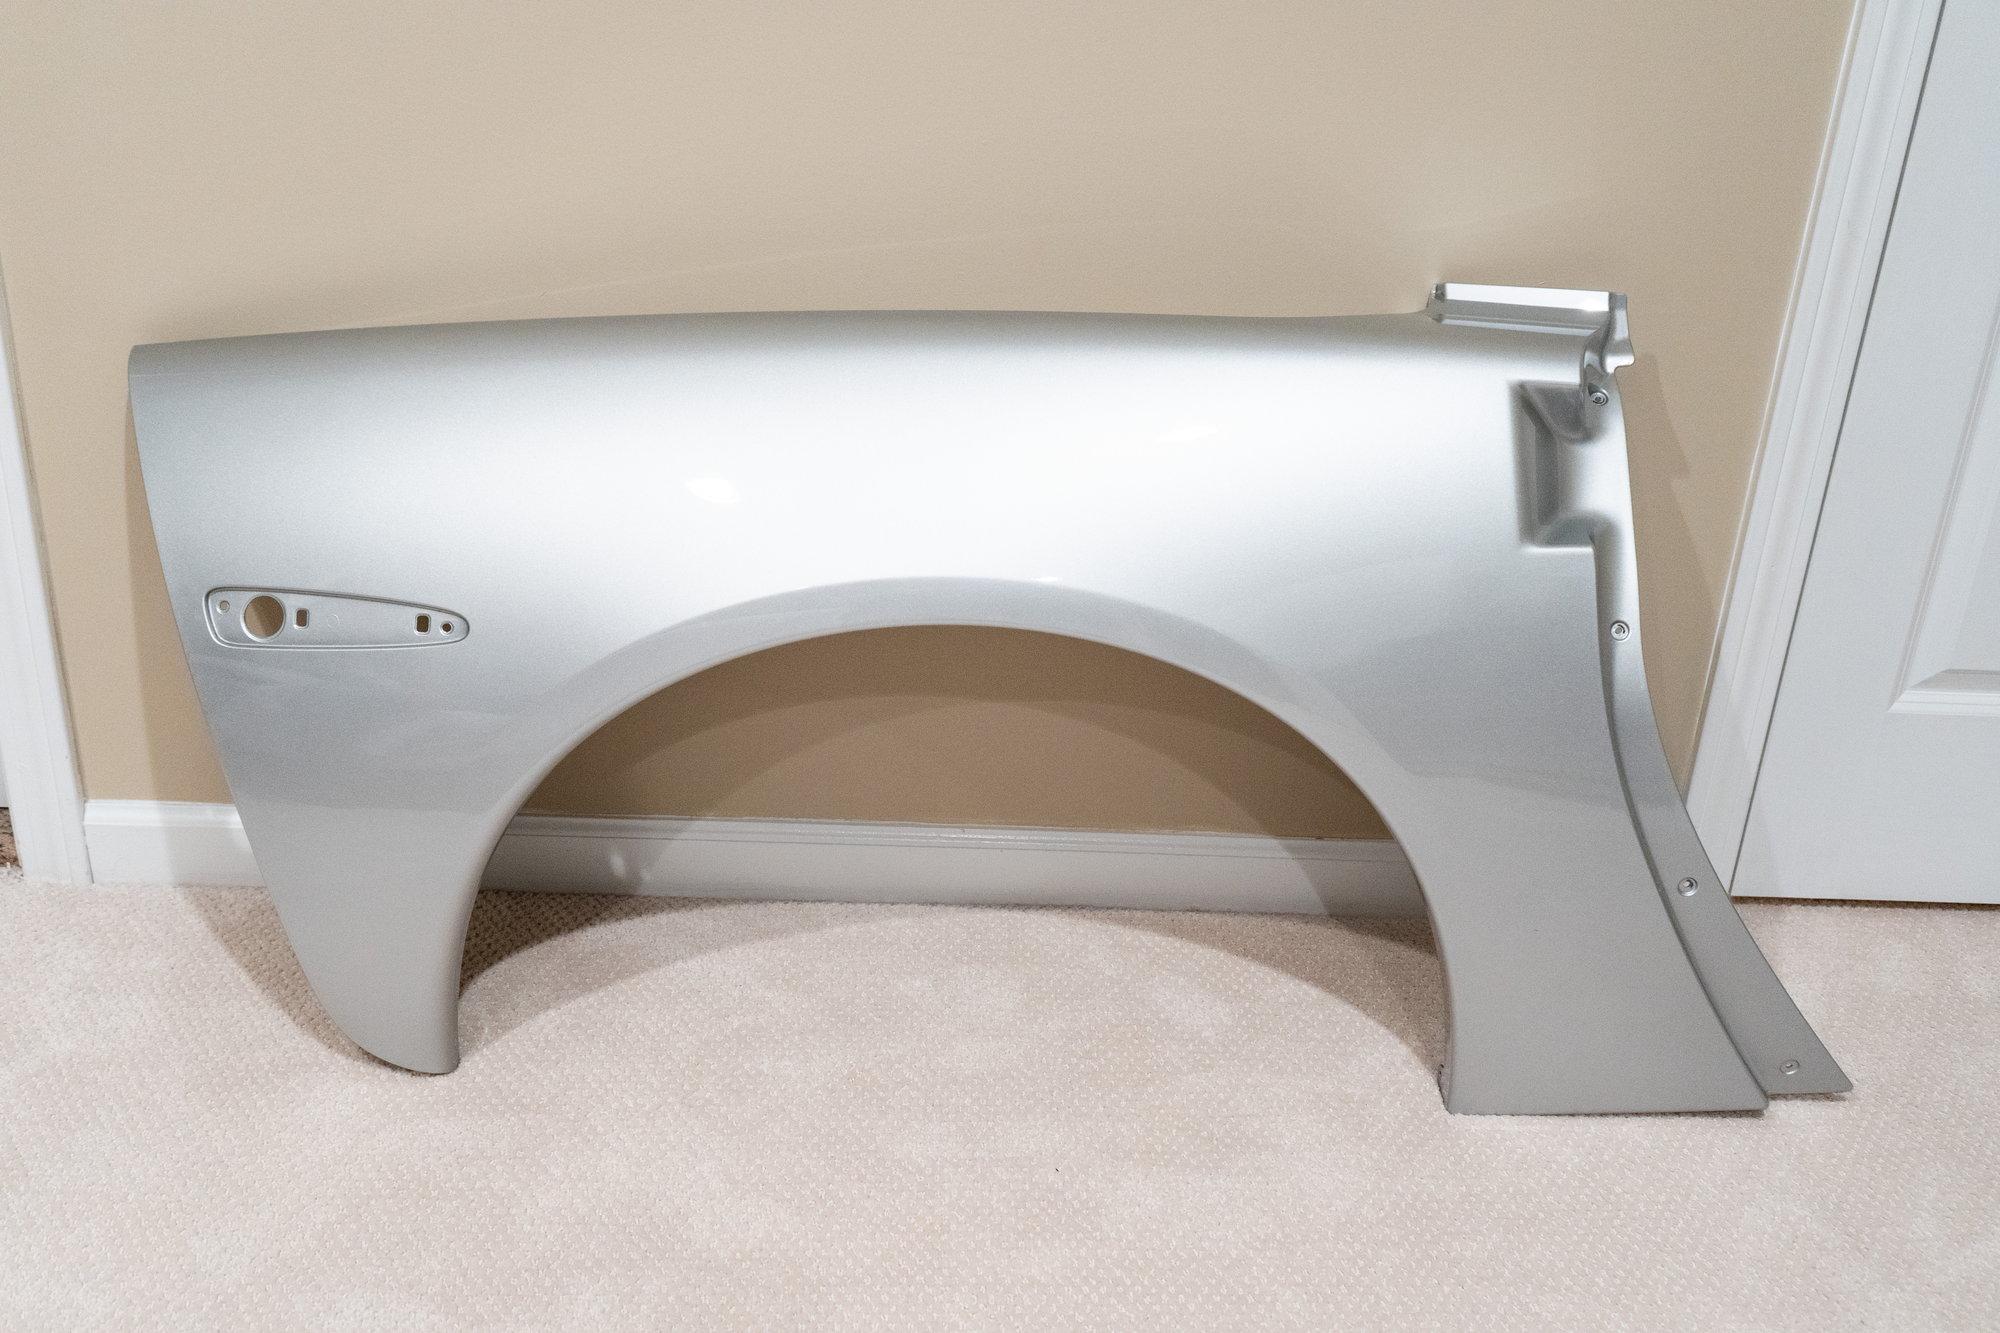 FS: 2012 Base C6 rear quarter panels with inner fendersFS: 2012 Base C6 rear quarter panels with inner fenders